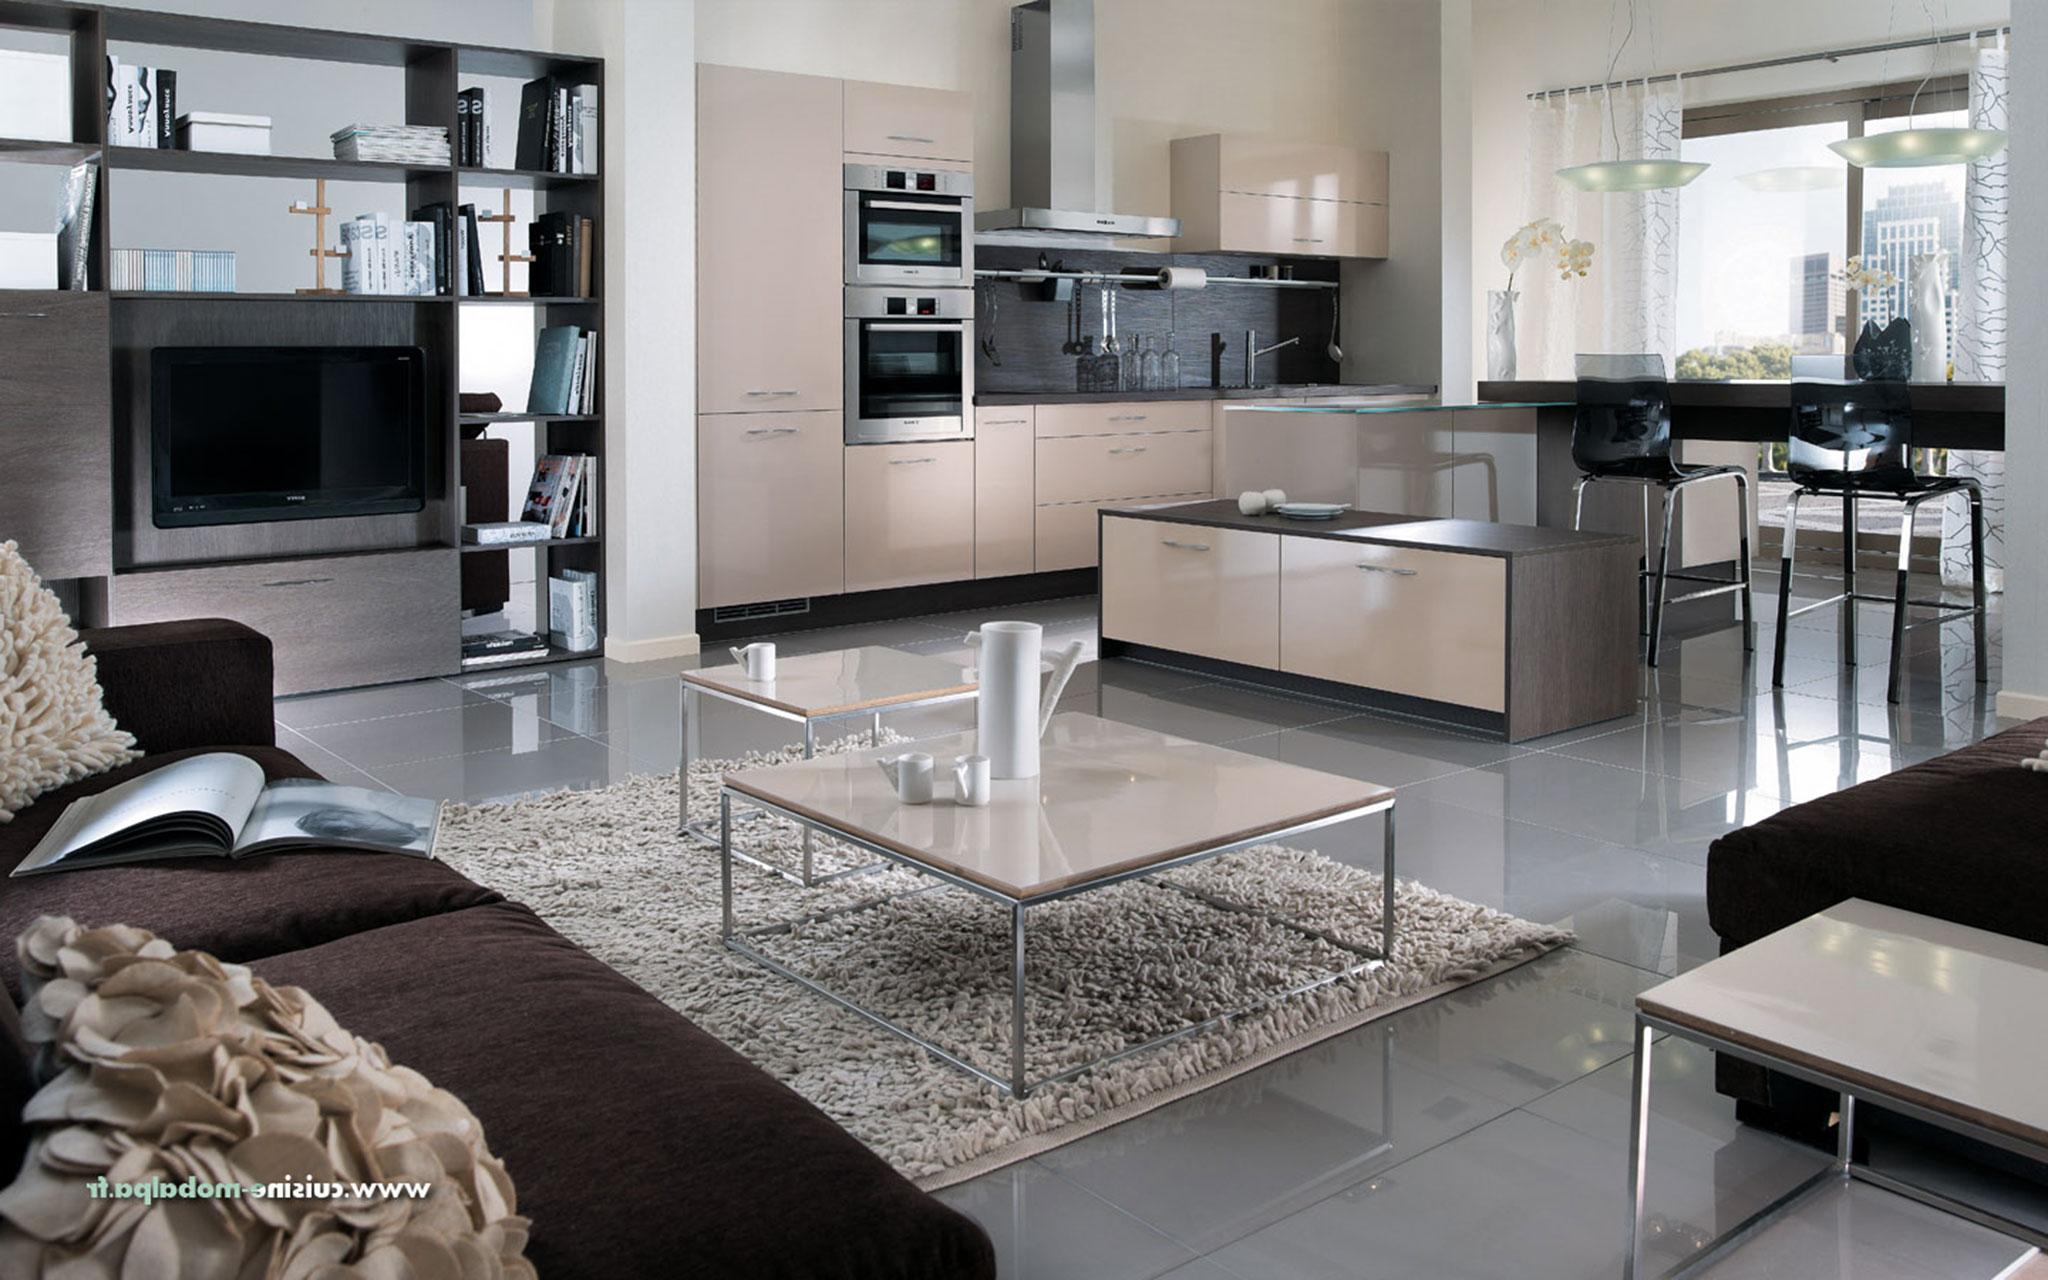 Cuisine mobalpa kiffa sable maison et mobilier - Mobalpa cuisine plan de travail ...